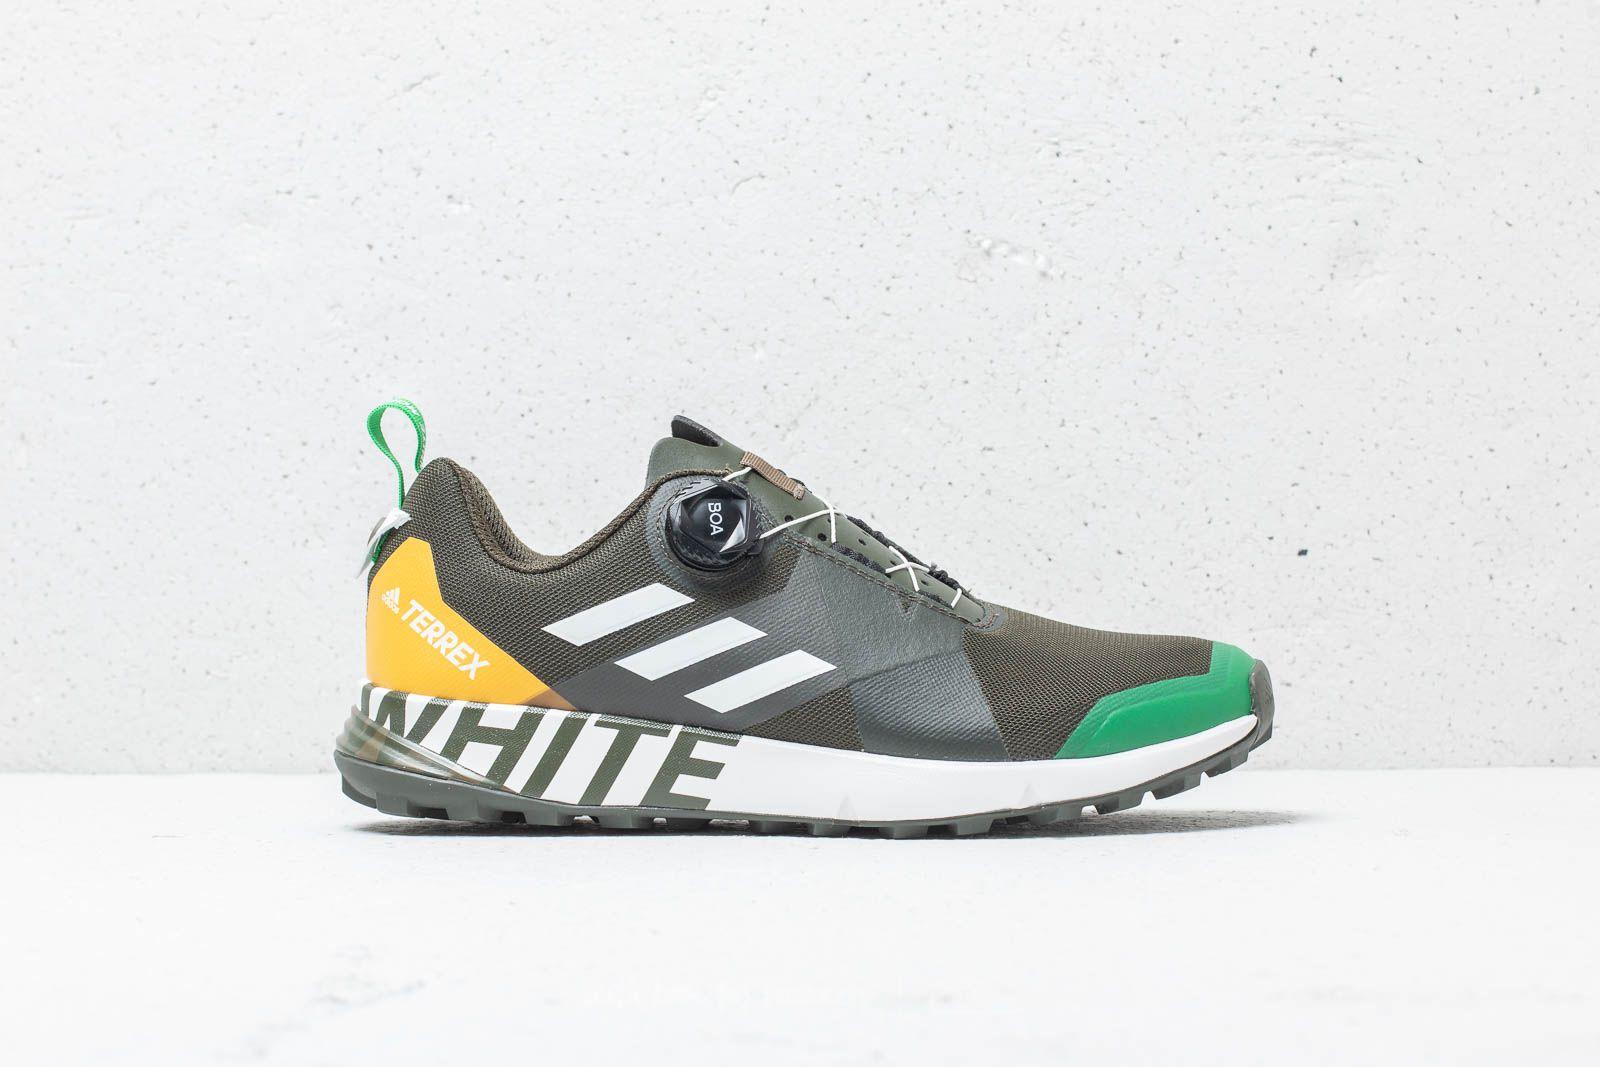 espada Posdata Reprimir  Men's shoes adidas x White Mountaineering Terrex Two BOA Khaki/ Cloud White  | Footshop